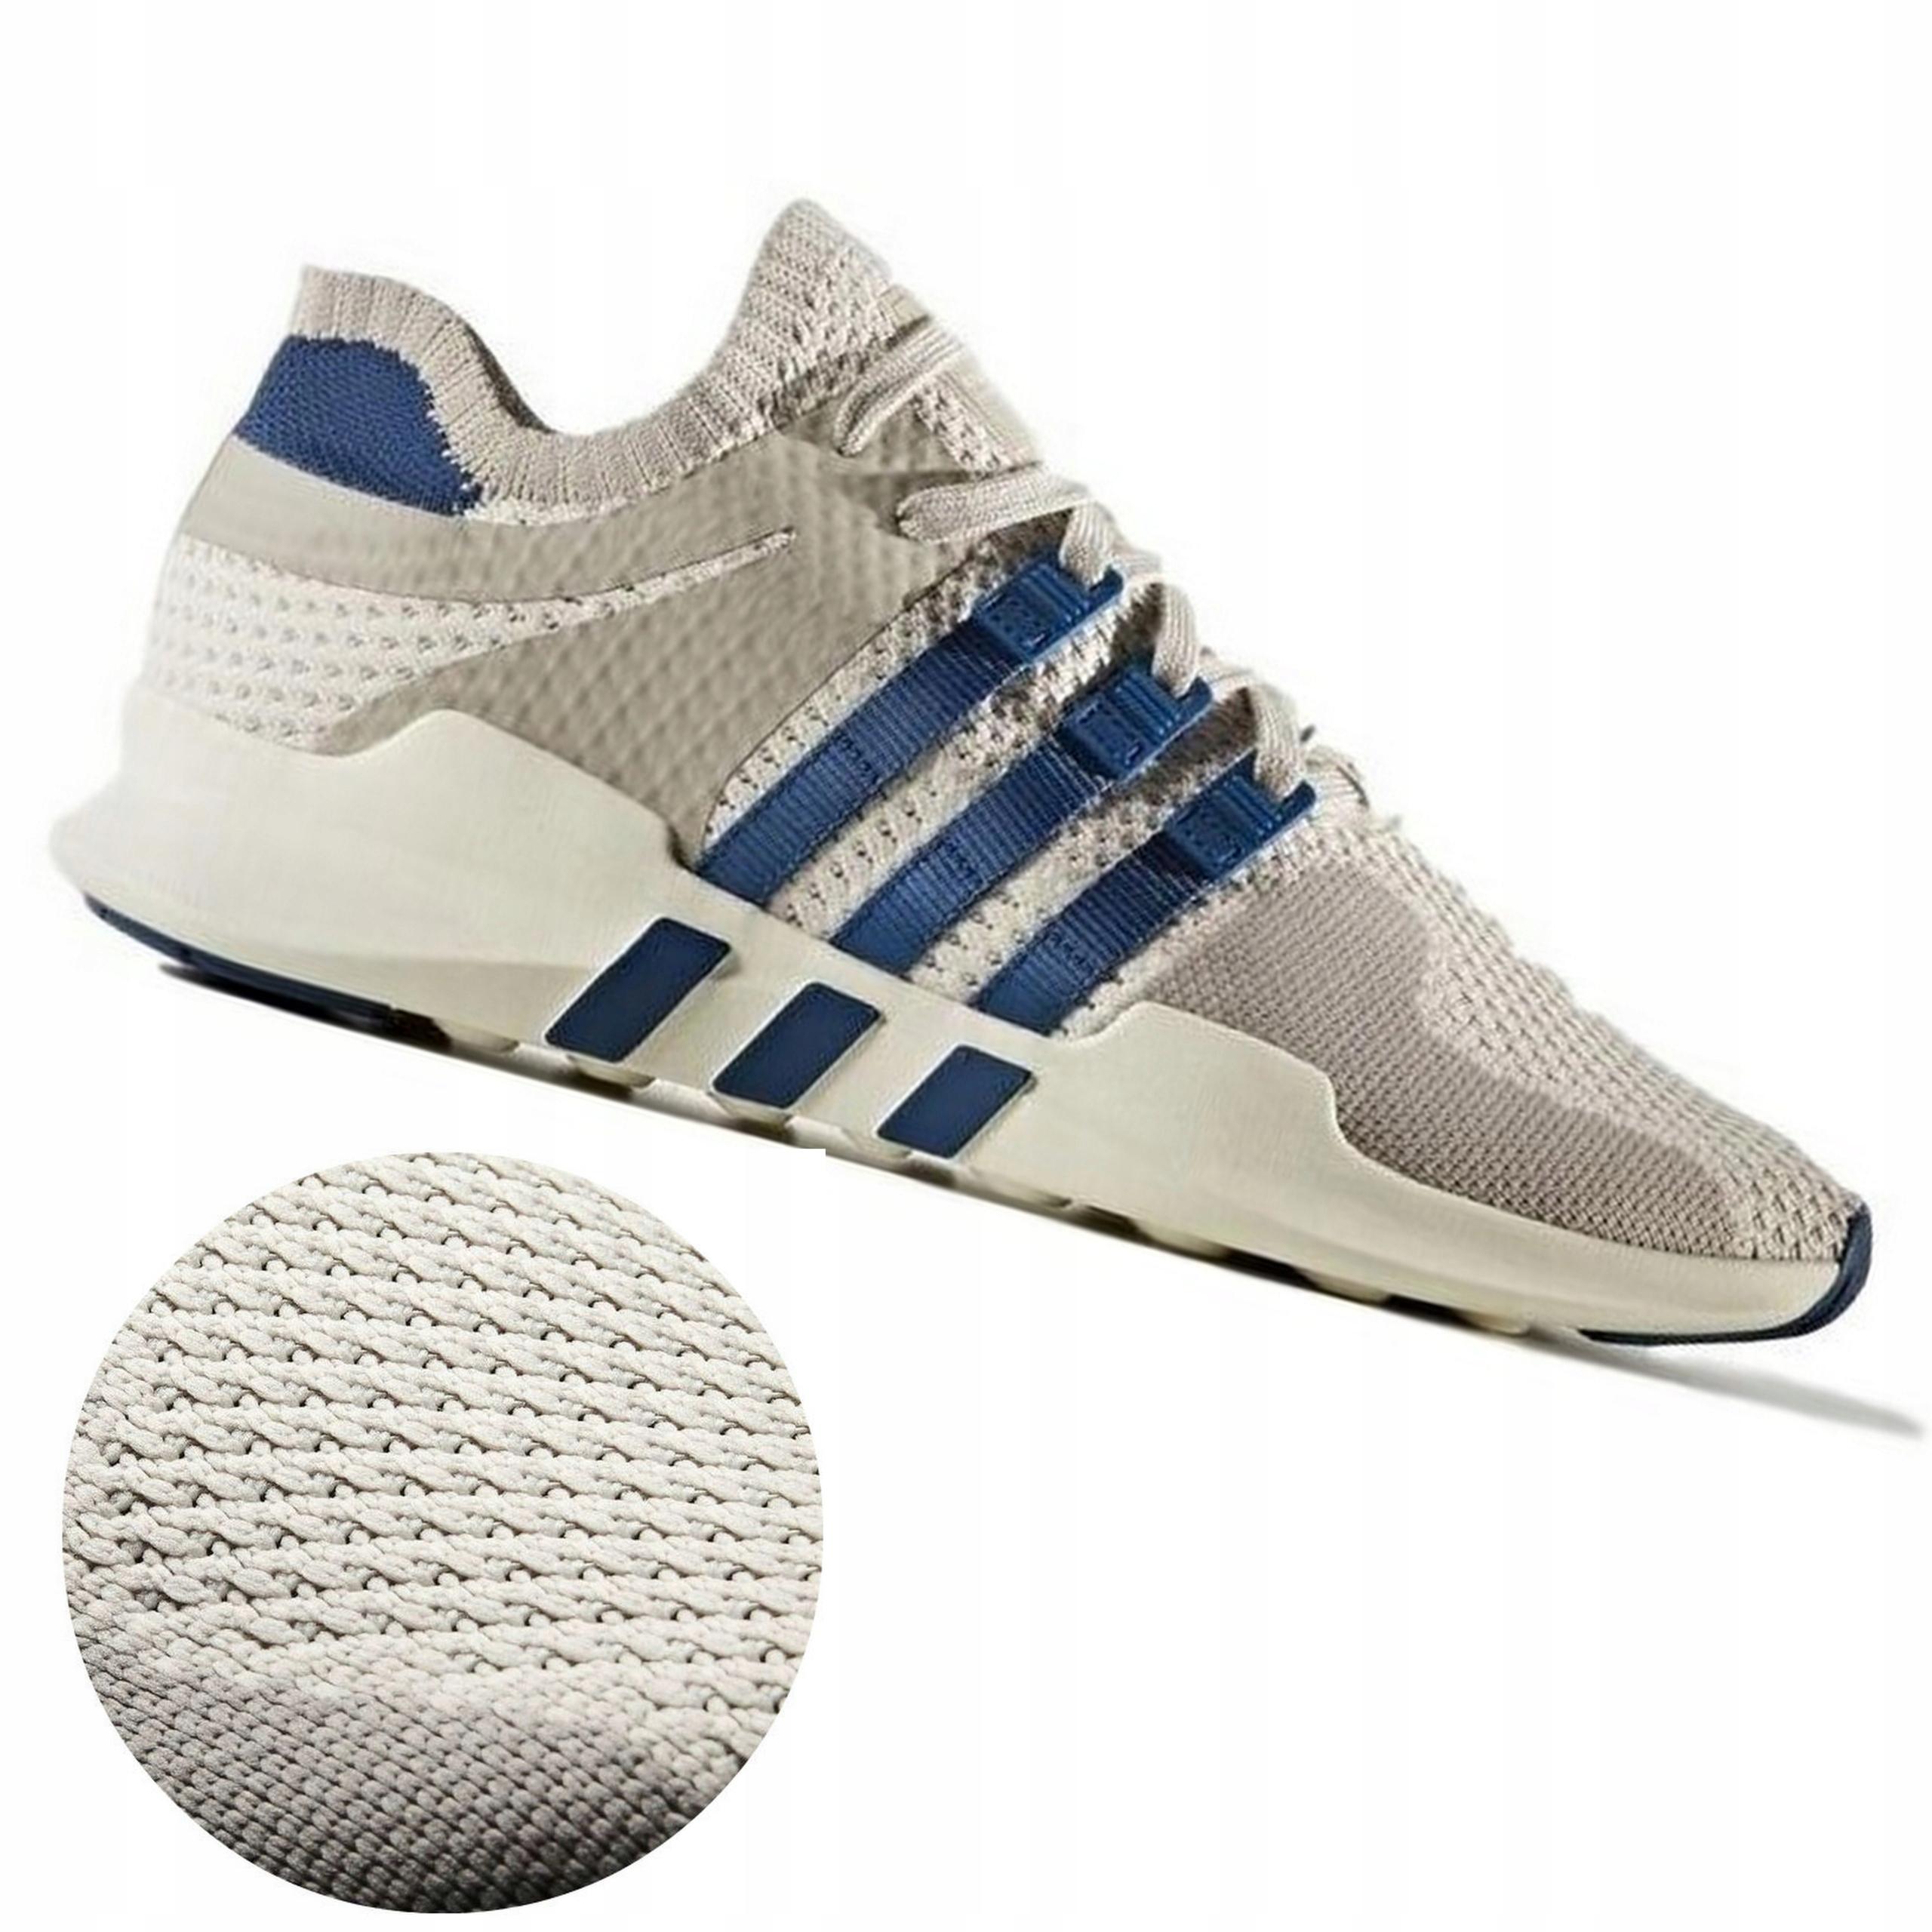 hot sale online 7a2db db164 Buty Męskie Adidas EQT Szare Sport 46,7 BY9393 - 7520558118 - oficjalne  archiwum allegro